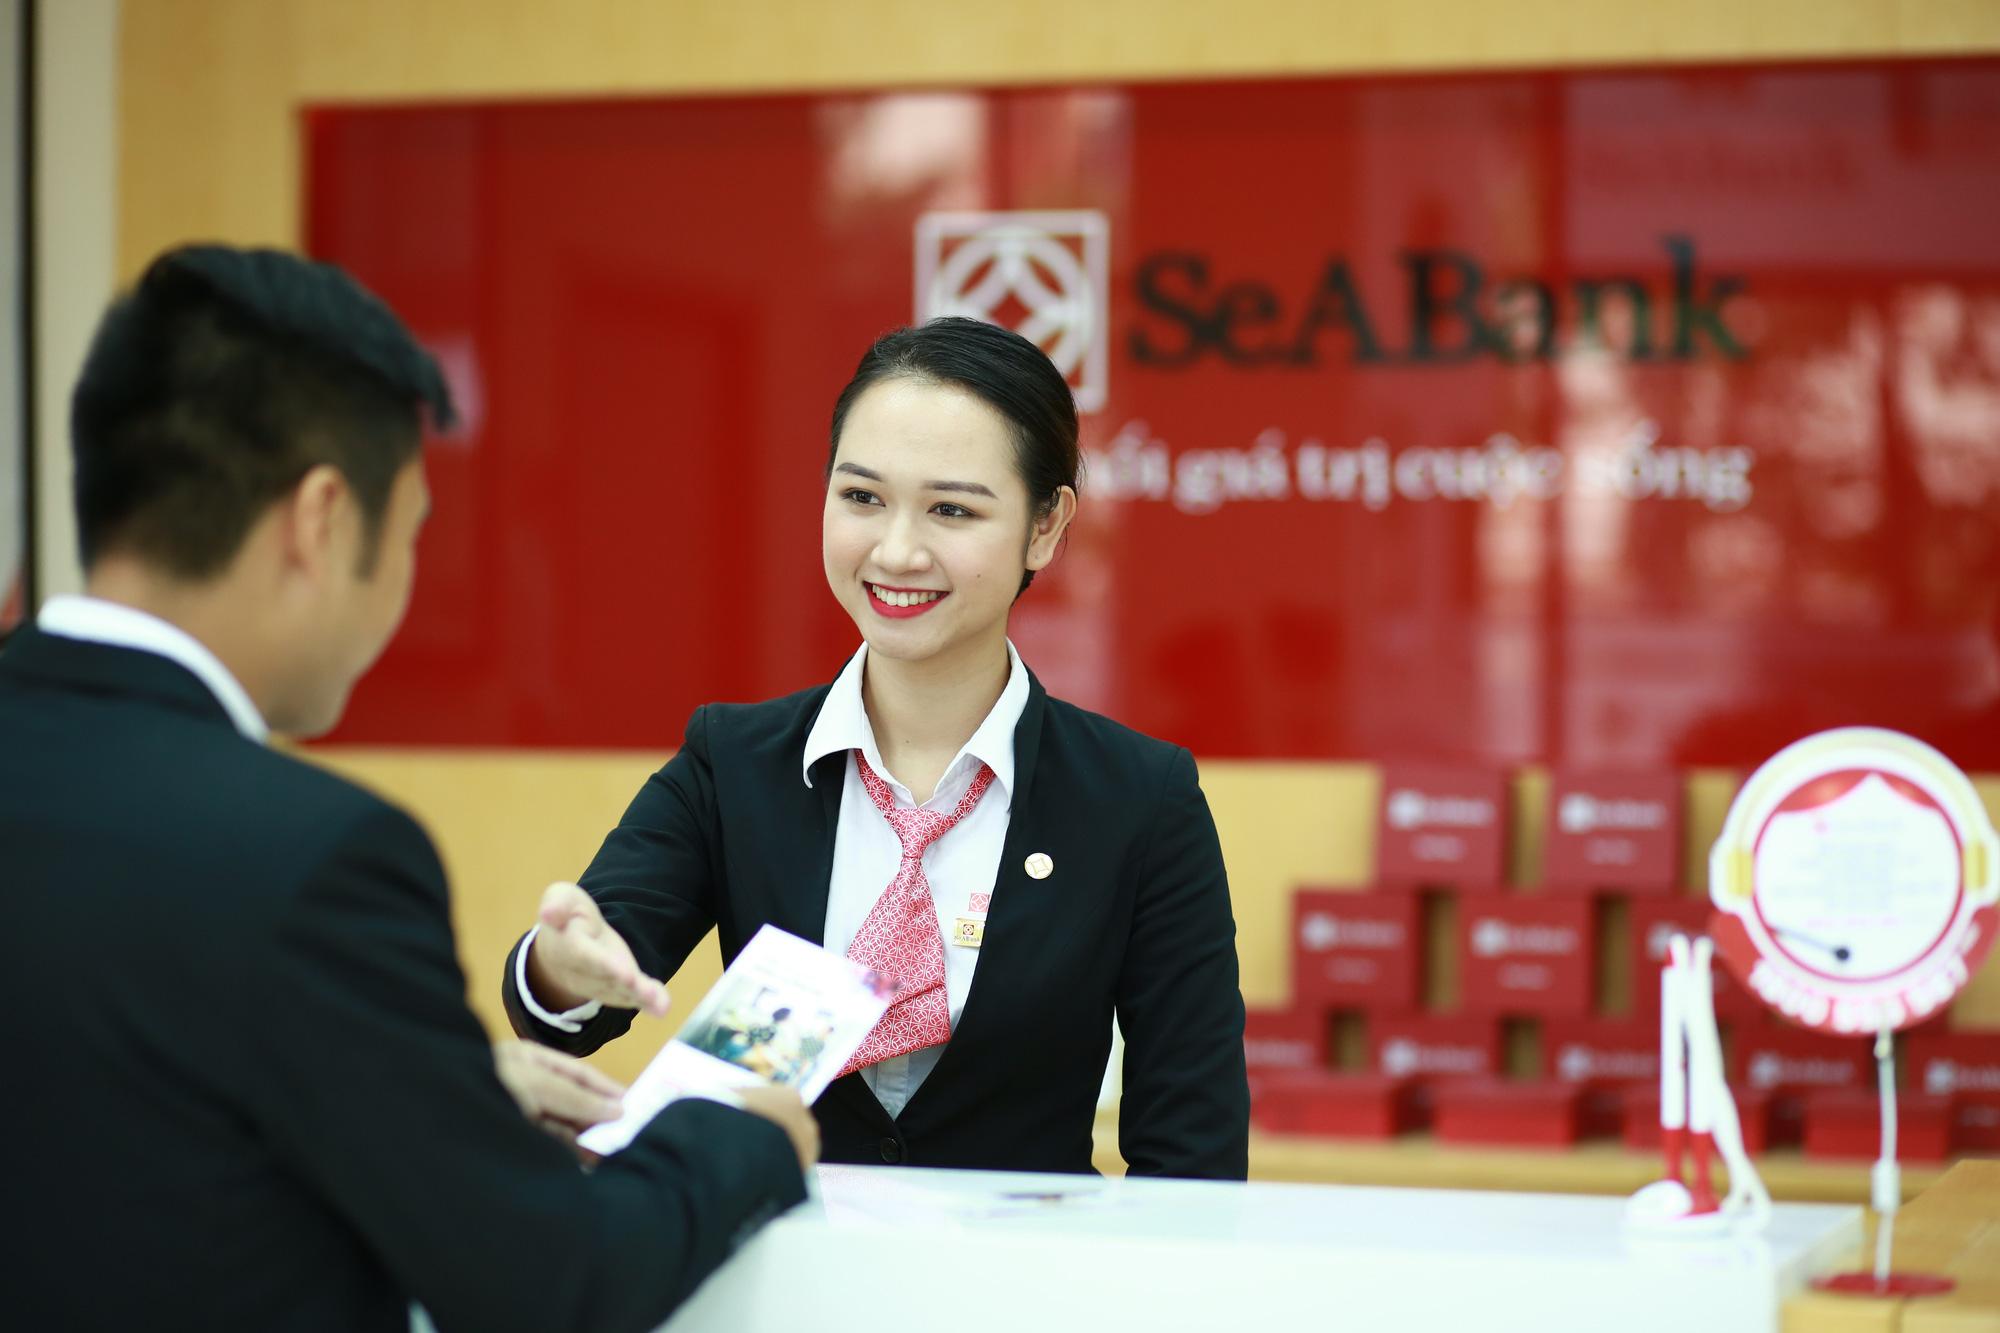 SeABank hoàn thành tăng vốn điều lệ lên gần 12.088 tỷ đồng, được chấp thuận niêm yết hơn 1,2 tỷ cổ phiếu trên HOSE - Ảnh 2.